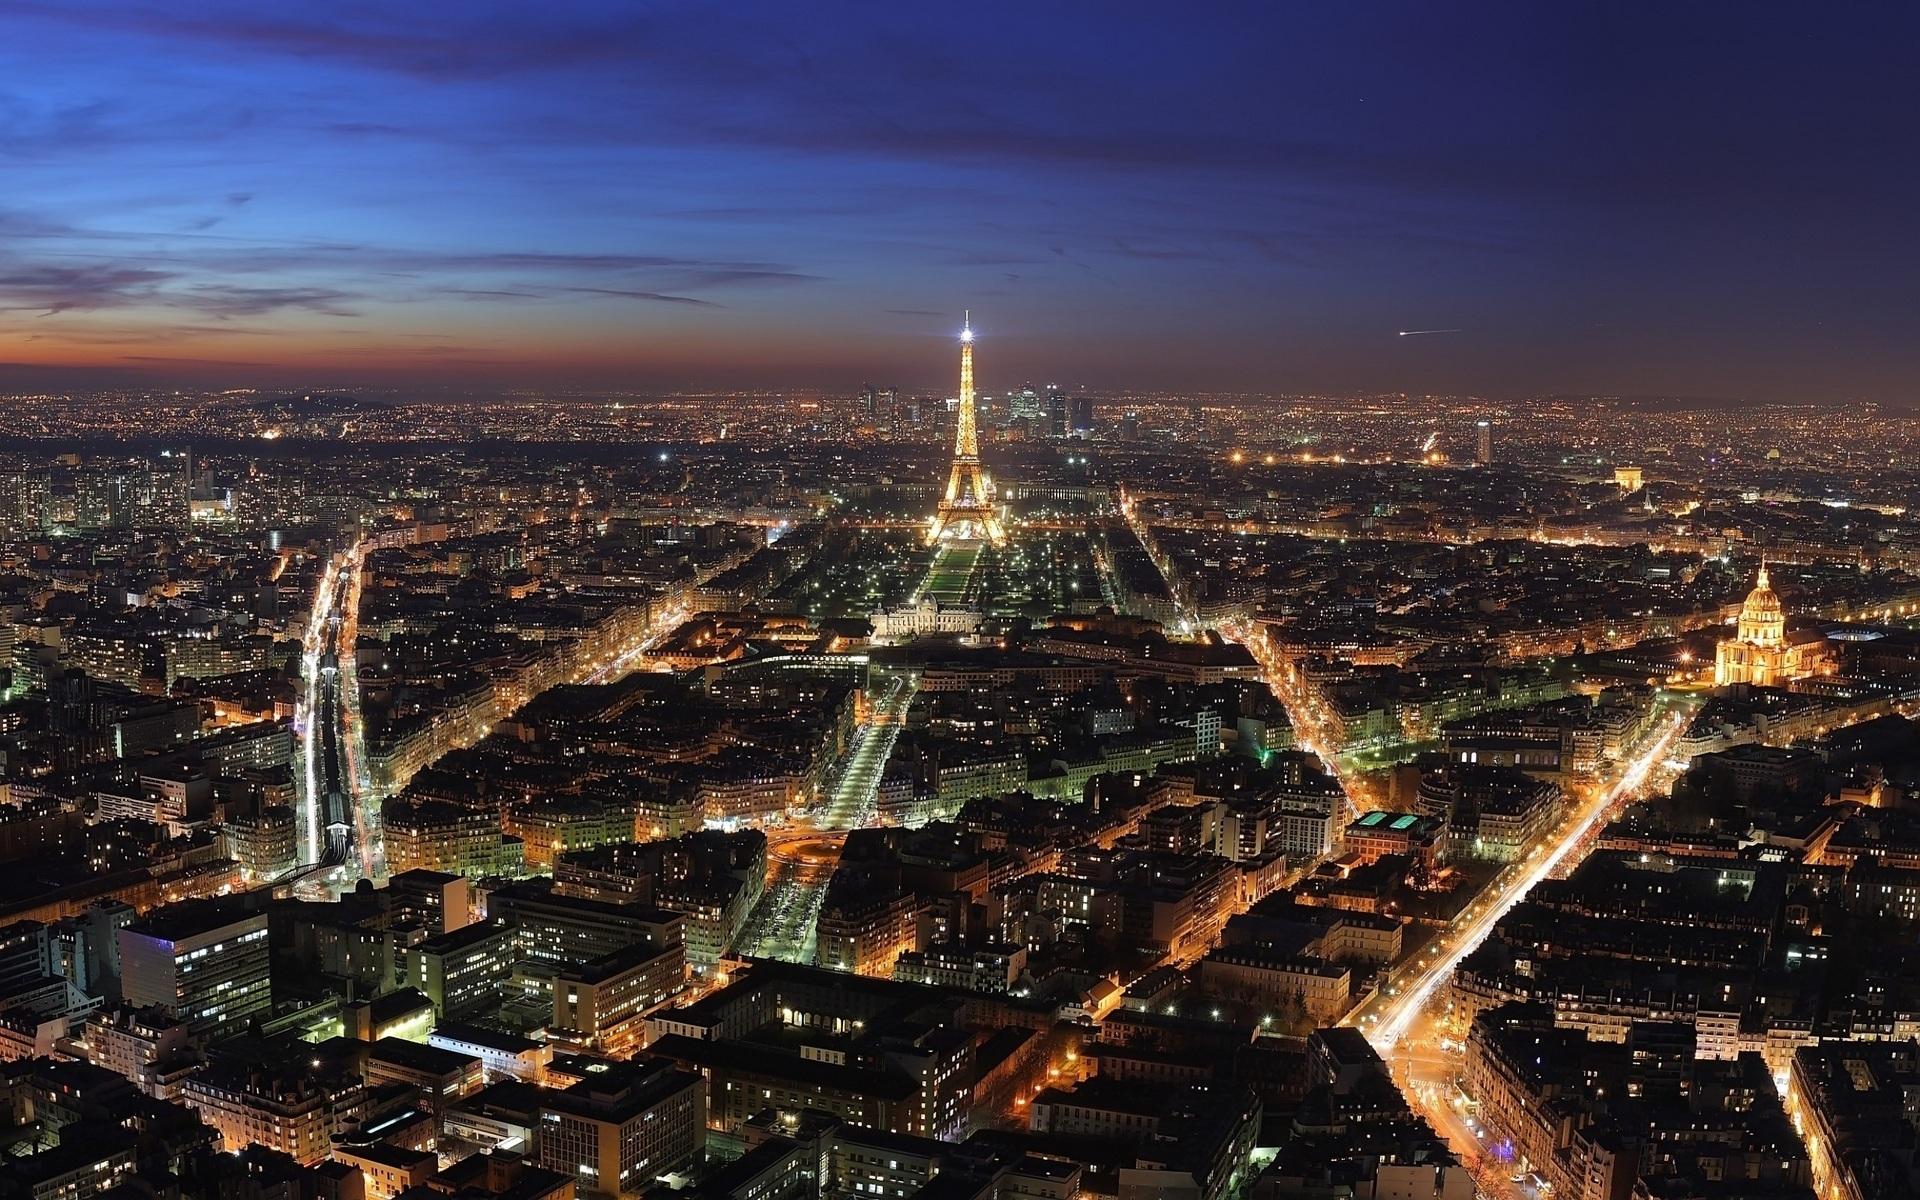 Фотографии парижа: достопримечательности и виды города, что посмотреть.